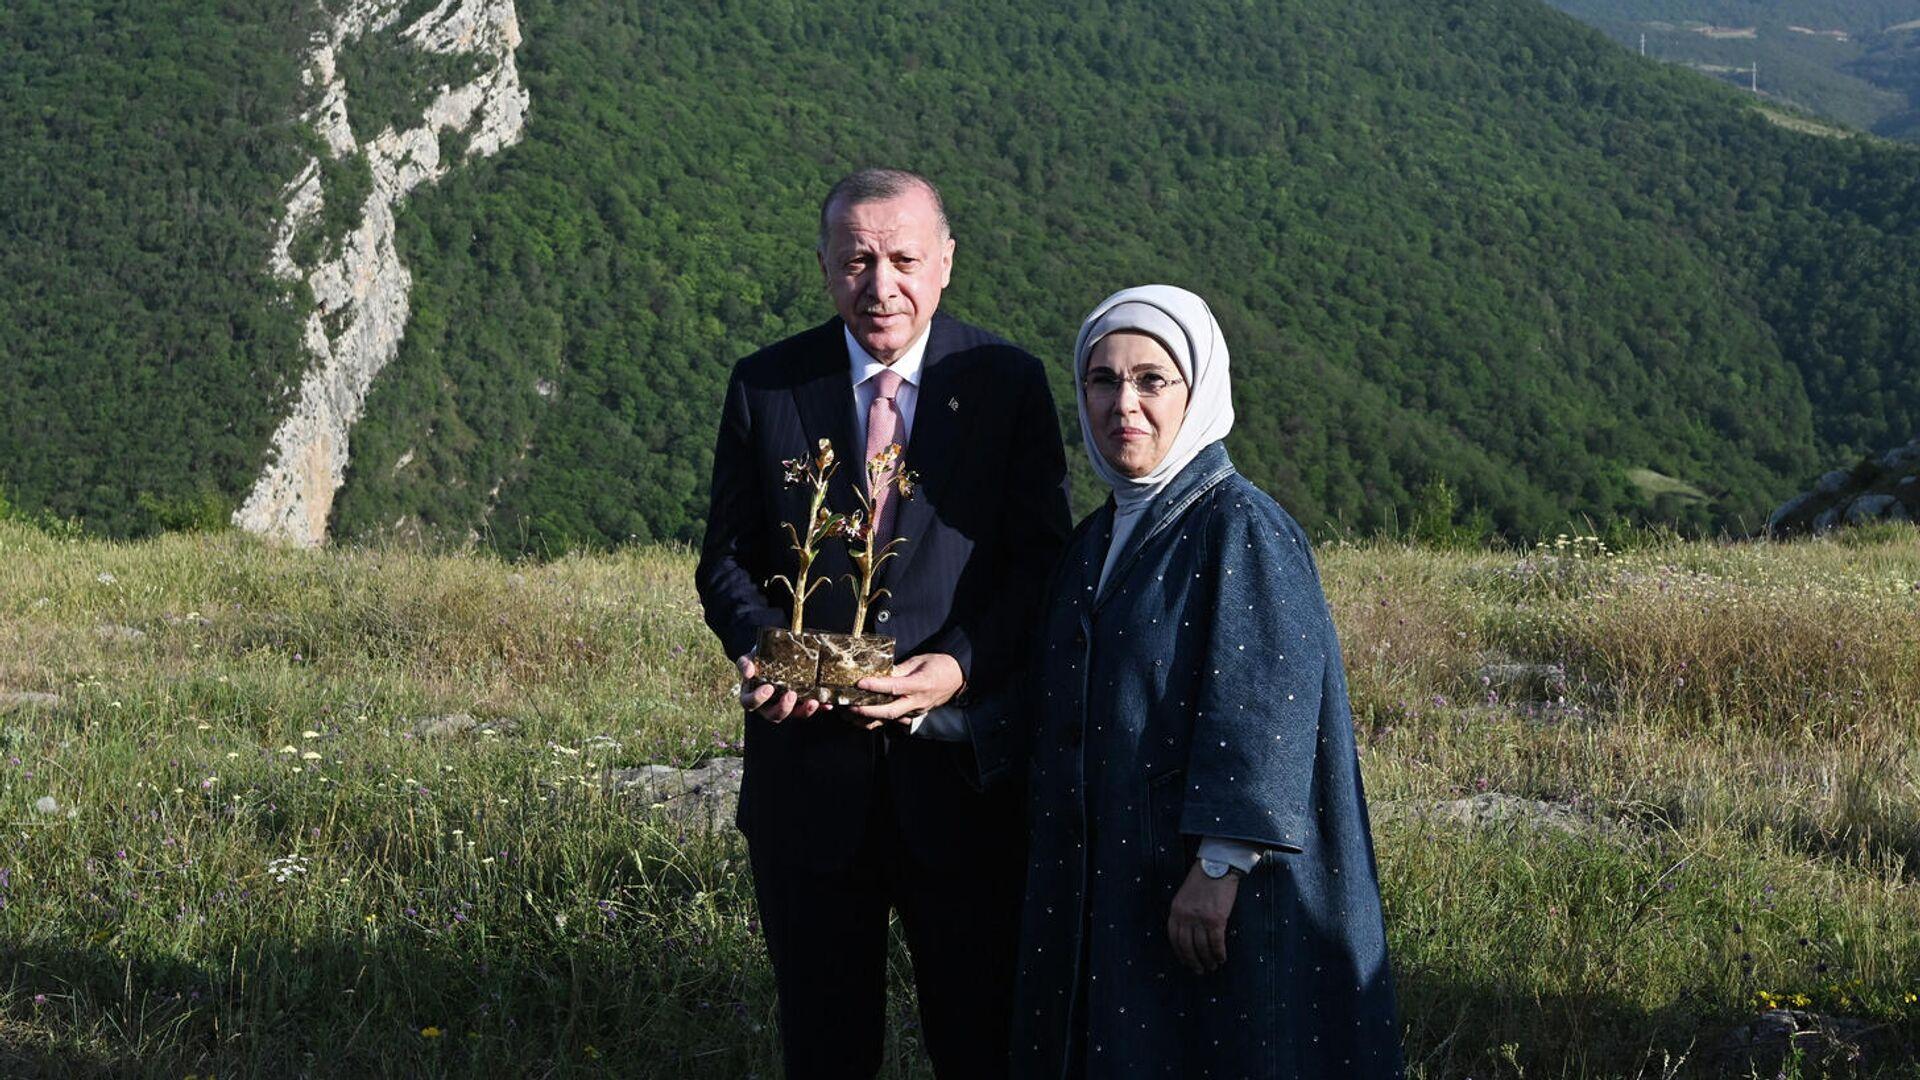 Президент Турции Реджеп Тайип Эрдоган и первая леди Эмине Эрдоган в Шуше - РИА Новости, 1920, 16.06.2021